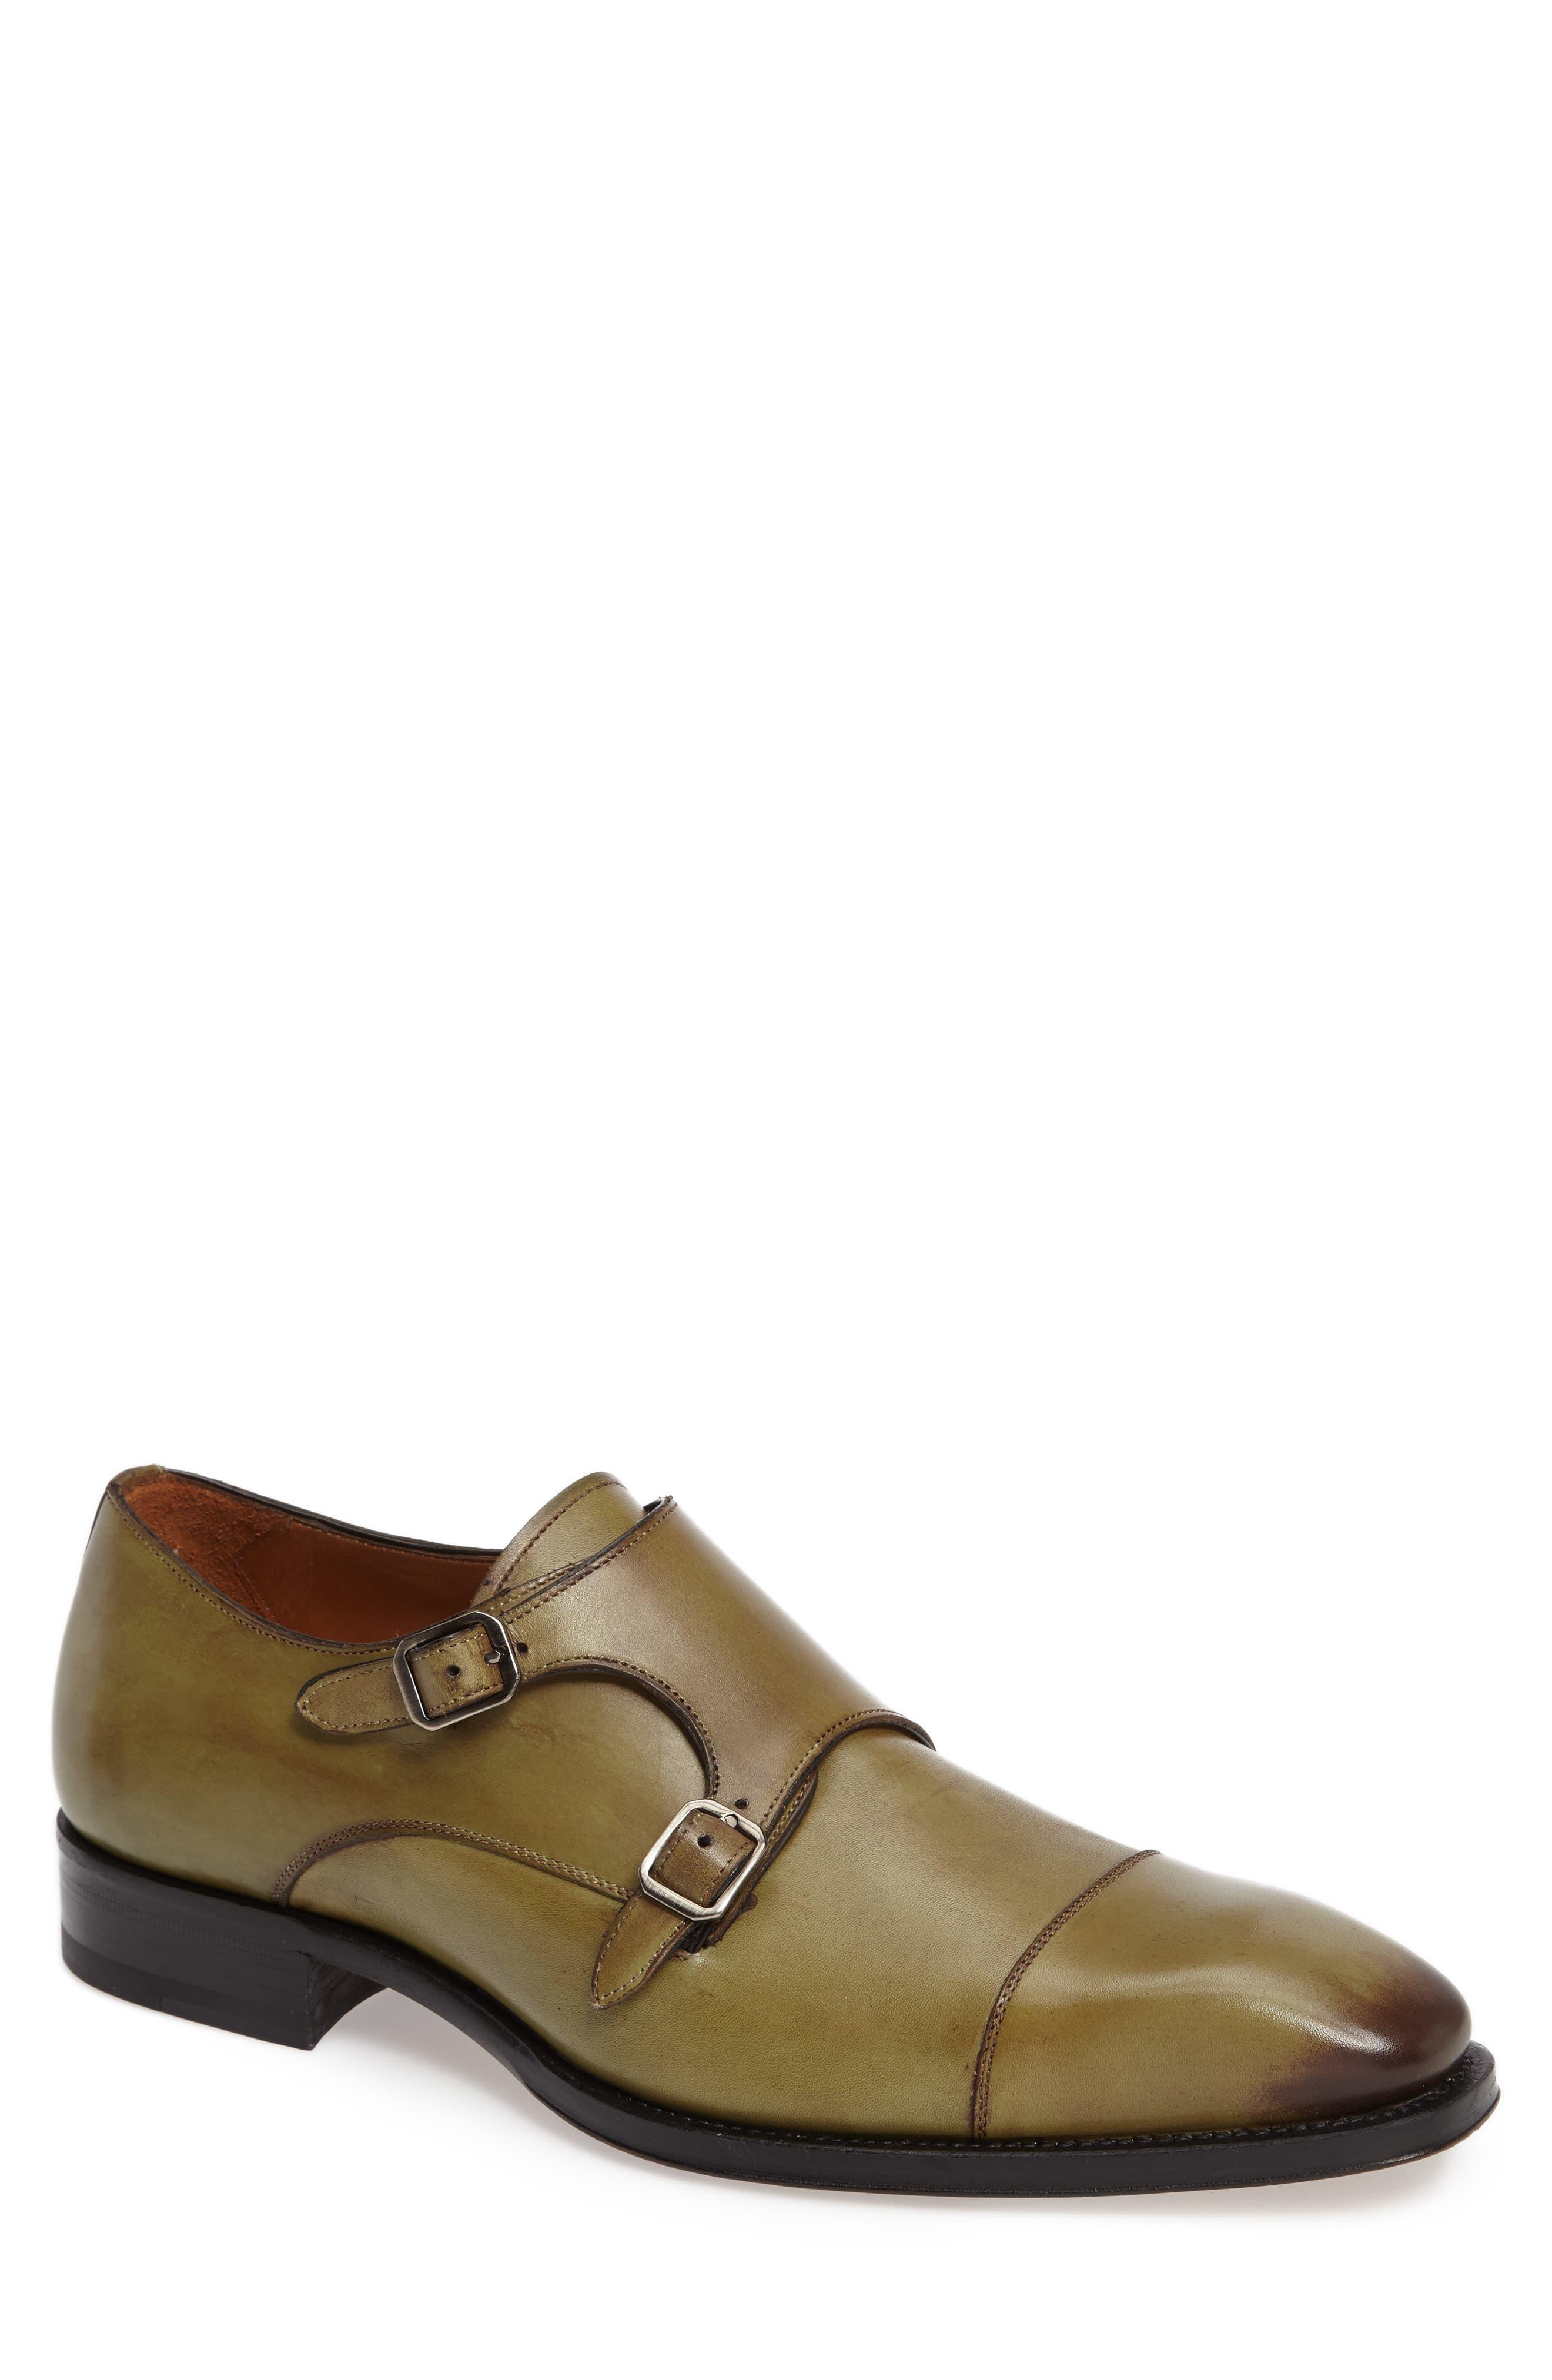 Cajal Double Monk Strap Cap Toe Shoe,                             Main thumbnail 2, color,